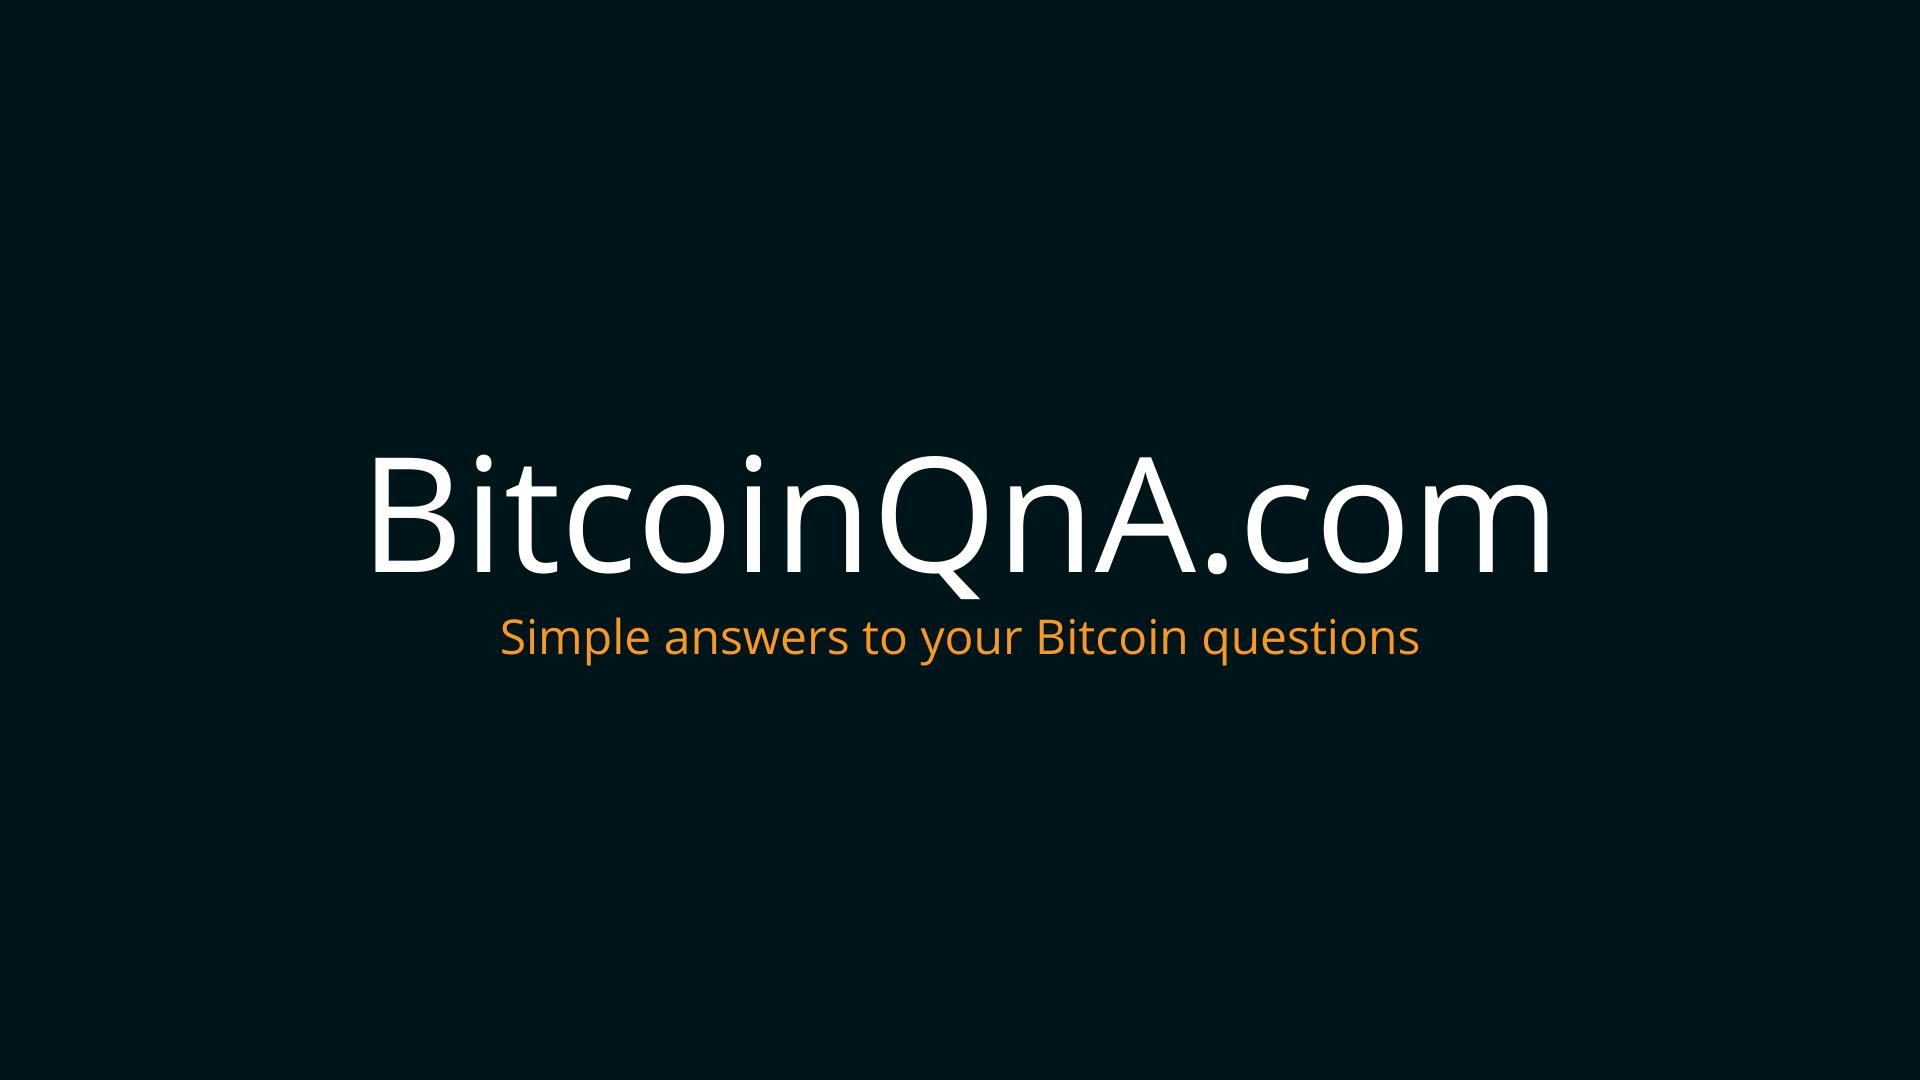 www.bitcoinqna.com